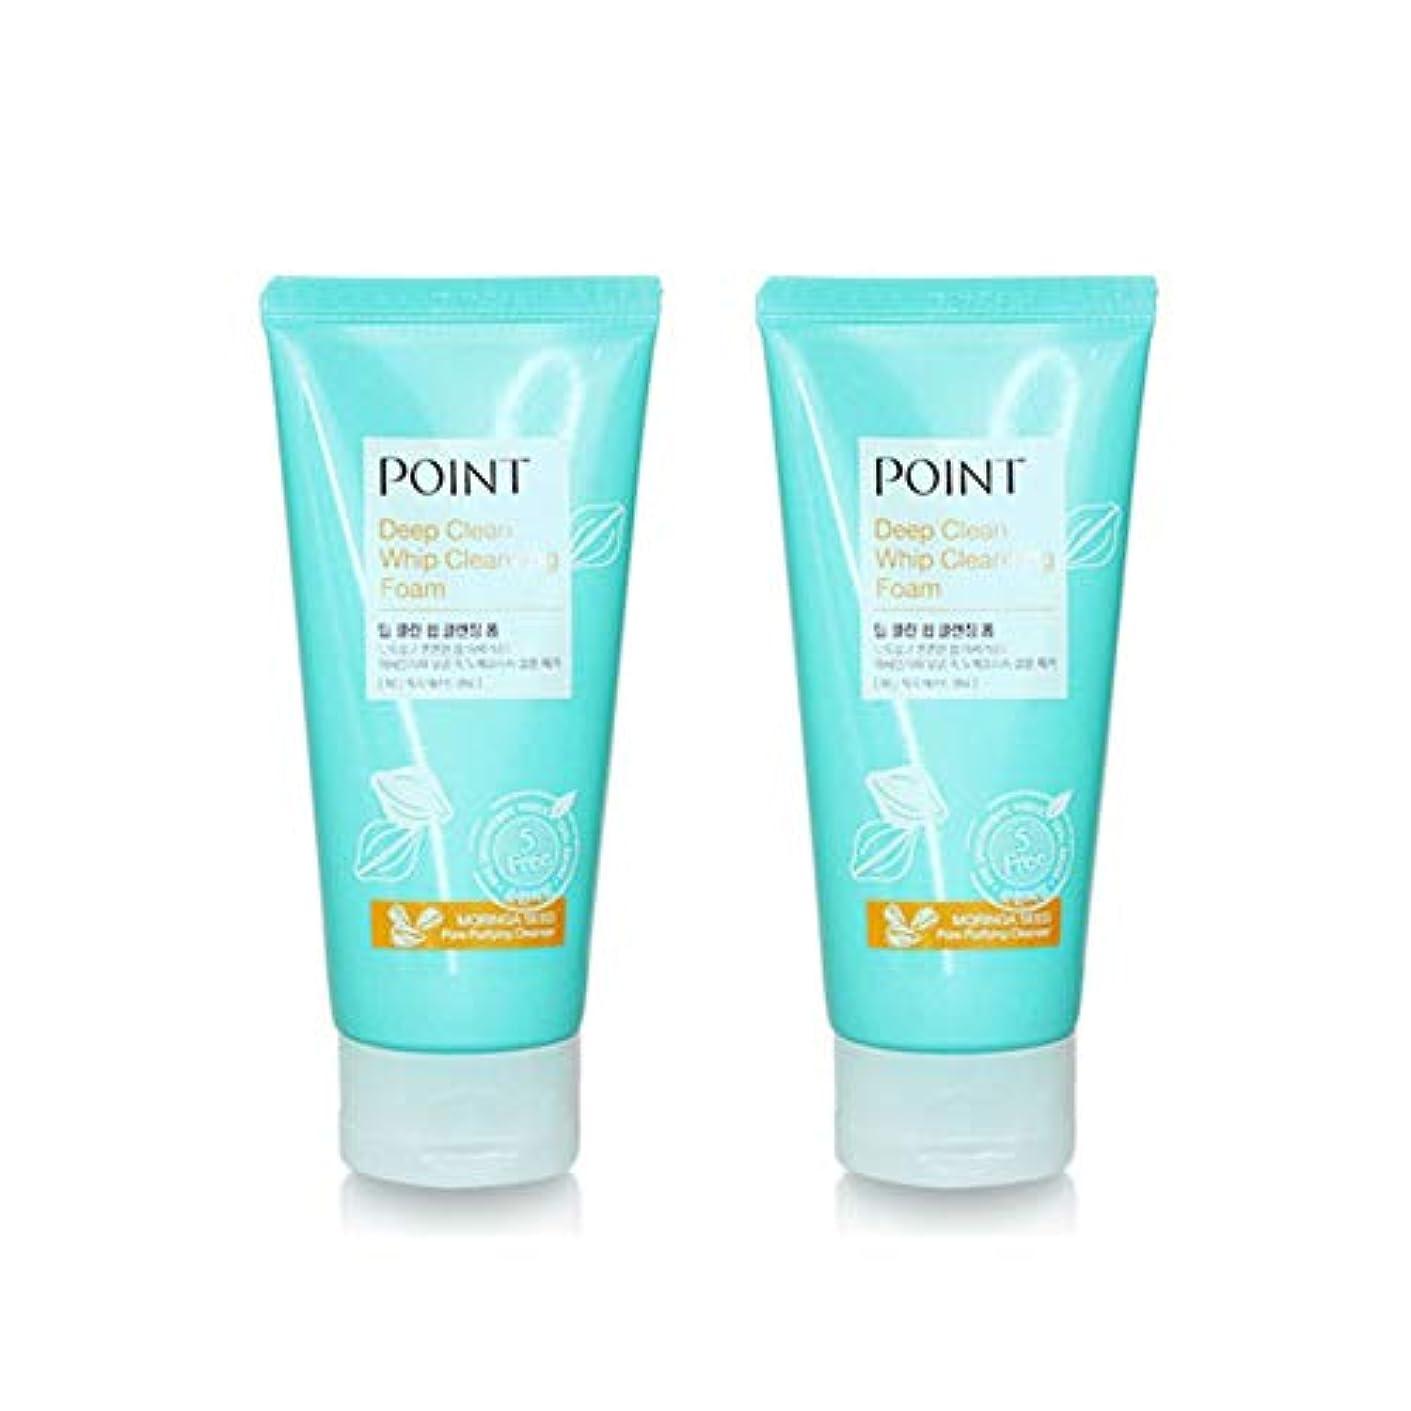 コンサート祭司リングレットポイントディープクリーンホイップクレンジングフォーム175gx2本セット韓国コスメ、Point Deep Clean Whip Cleansing Foam 175g x 2ea Set Korean Cosmetics [並行輸入品]